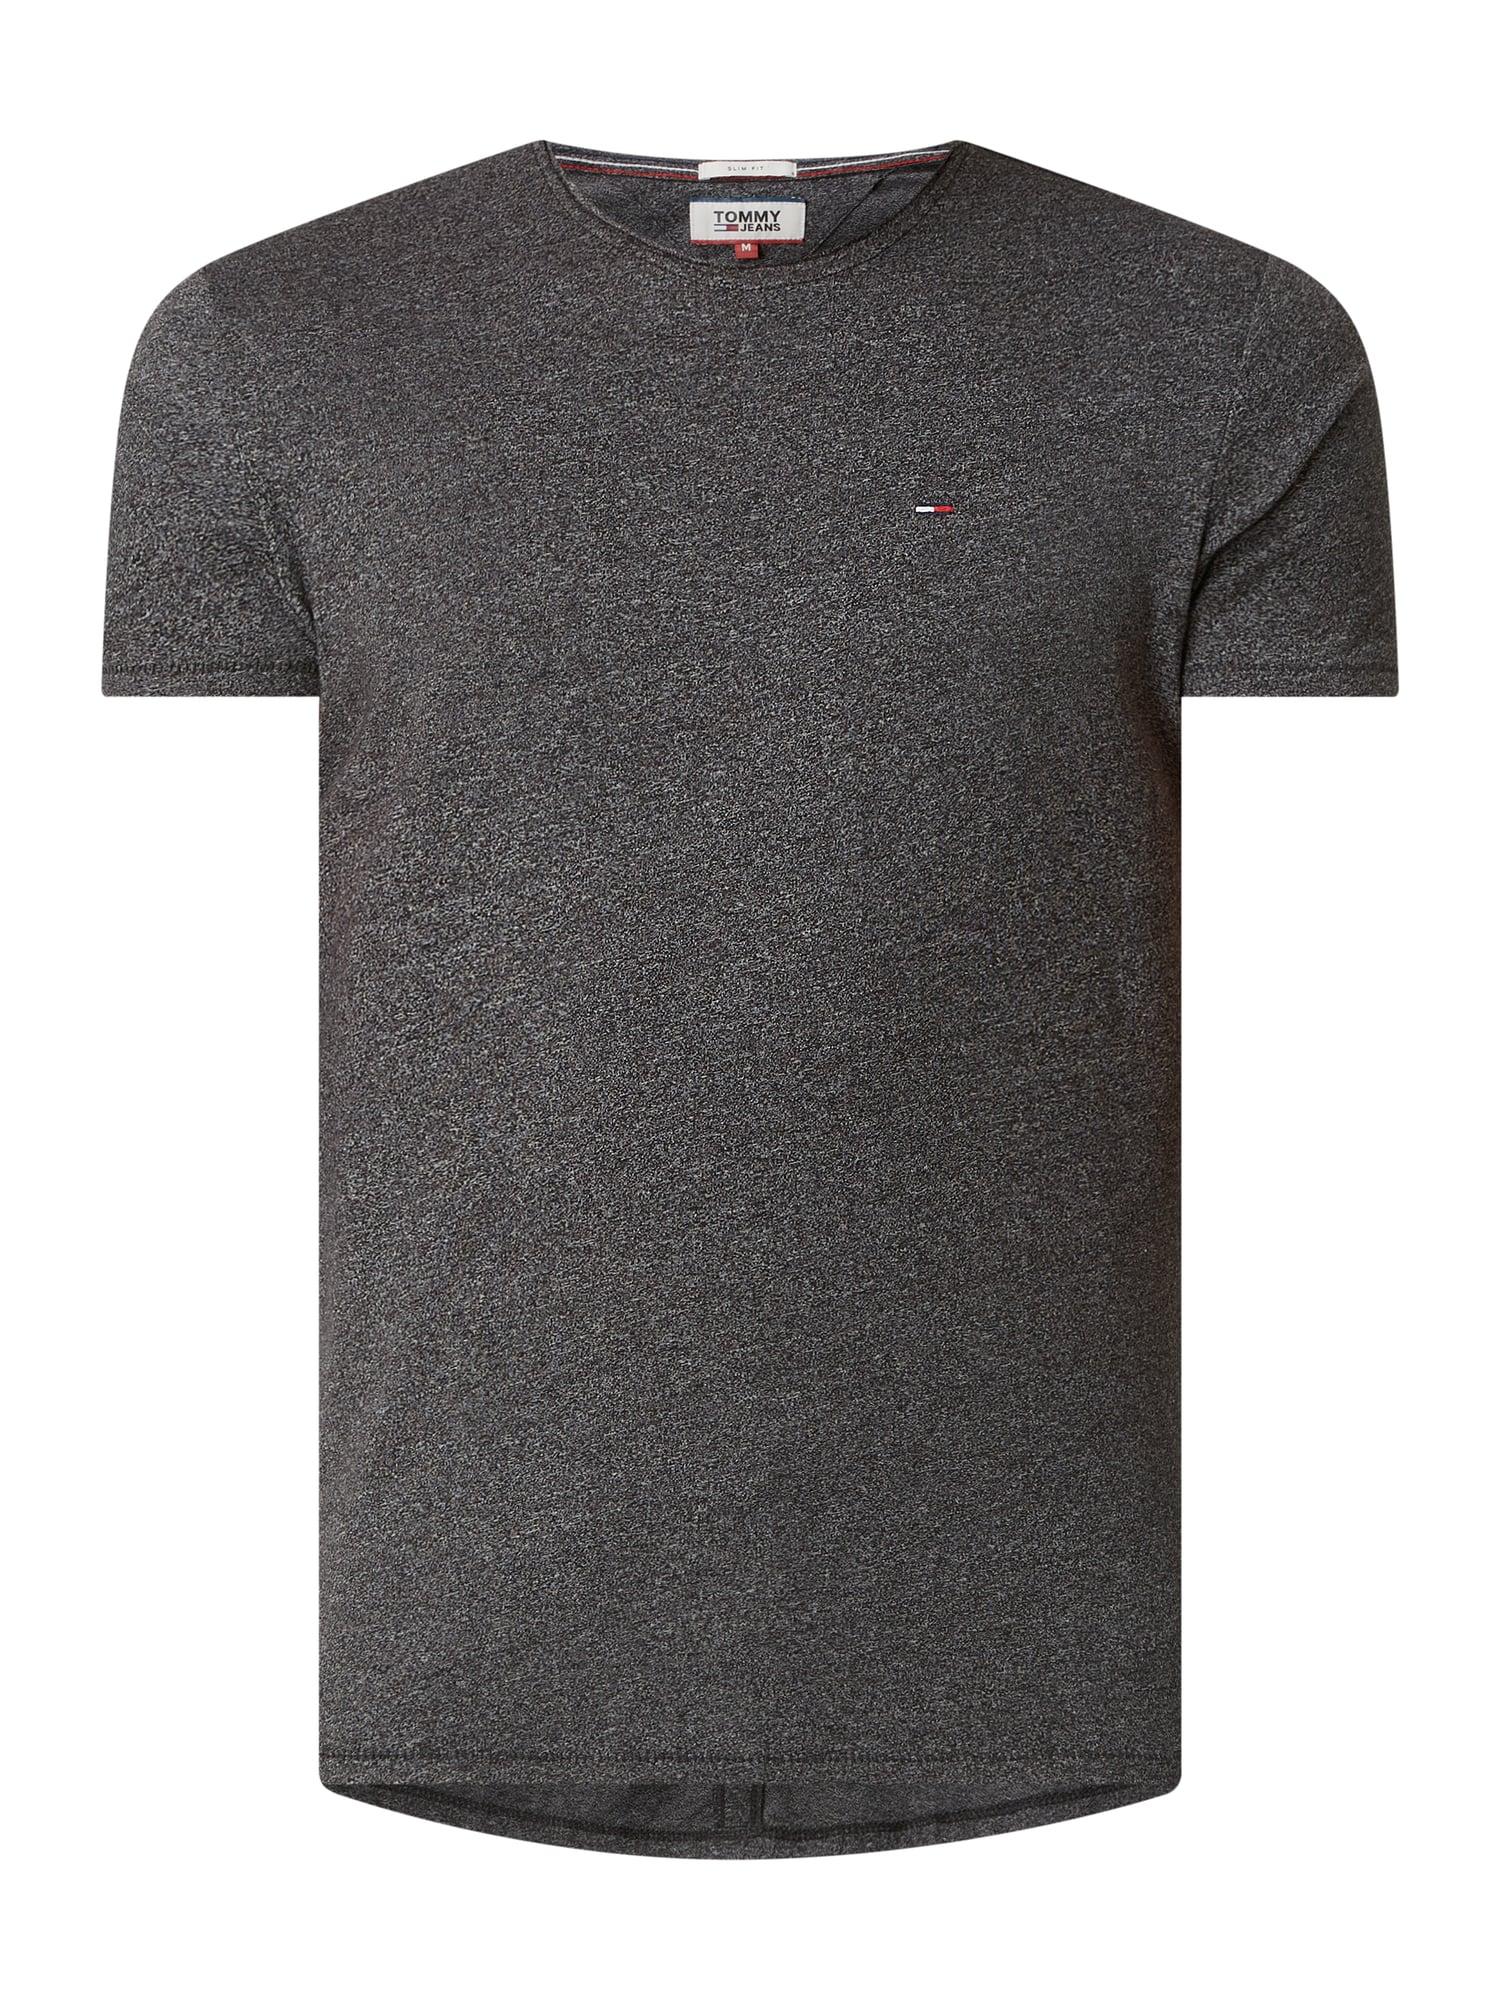 Tommy Jeans T-Shirts + 10% Shoop zum Bestpreis bei Anson's